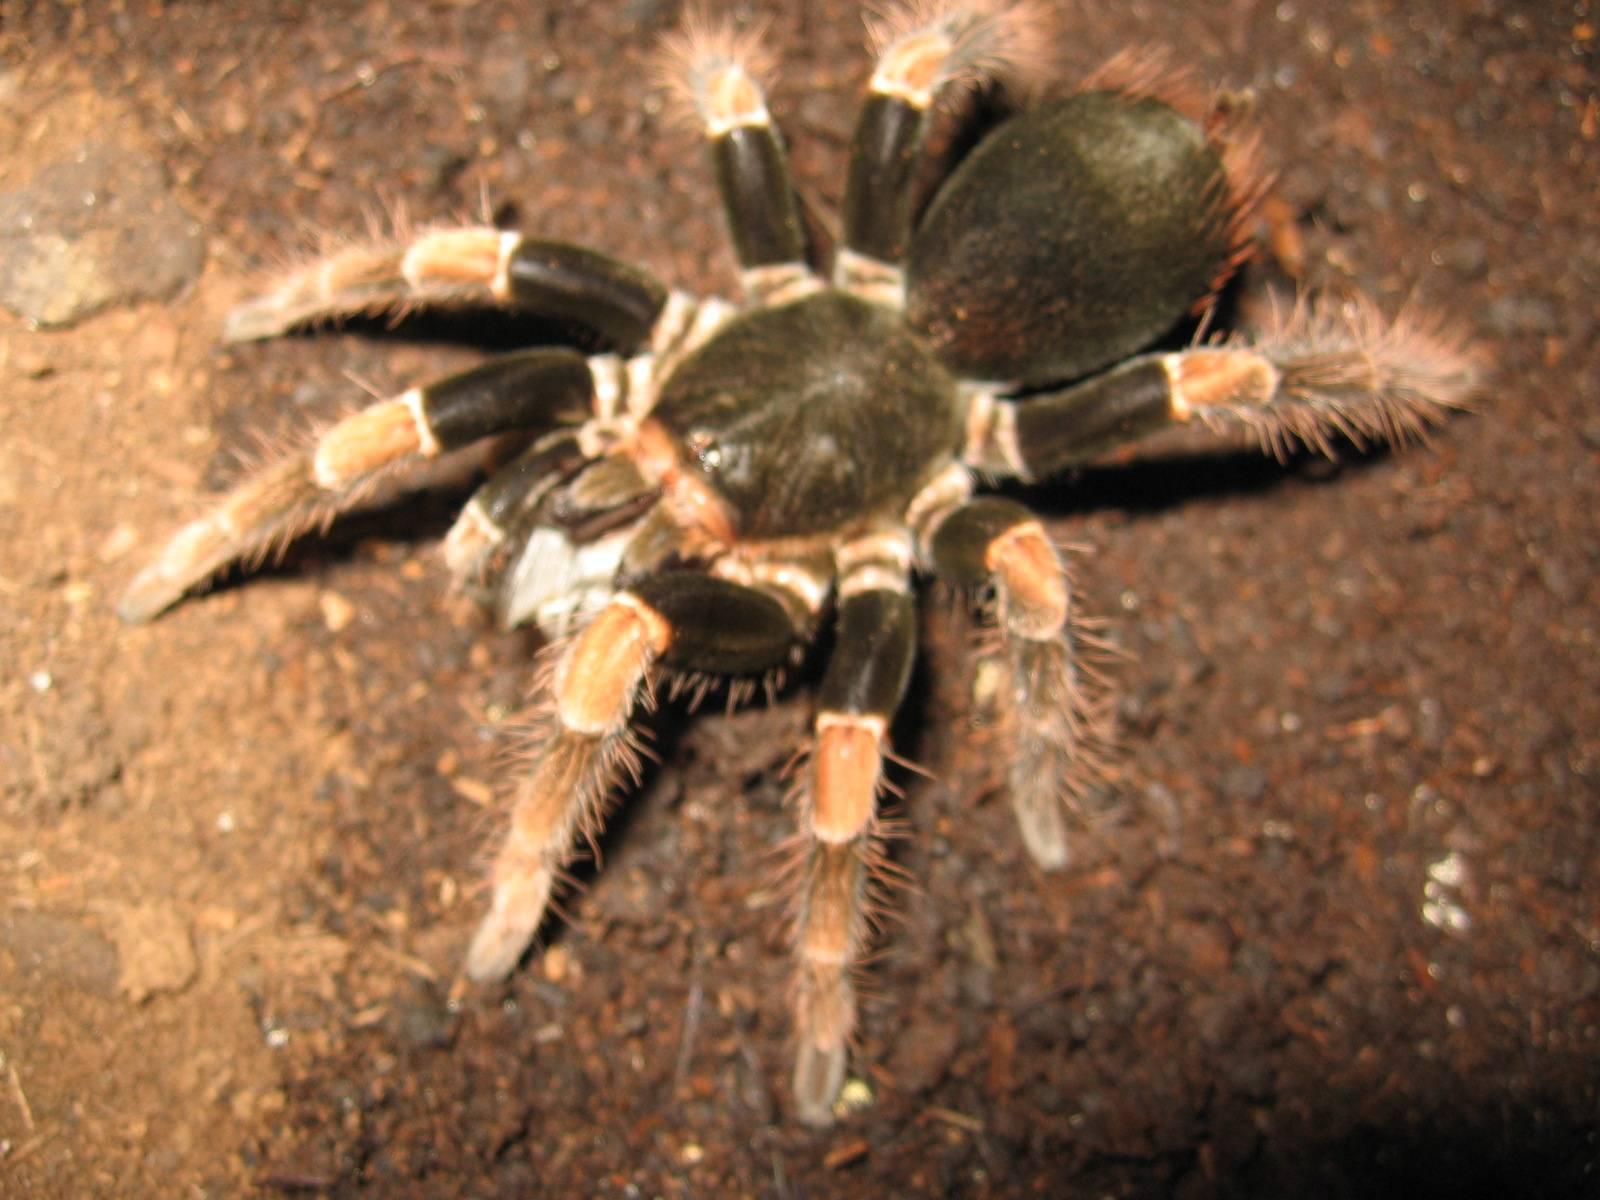 Megaphobema mesomelas